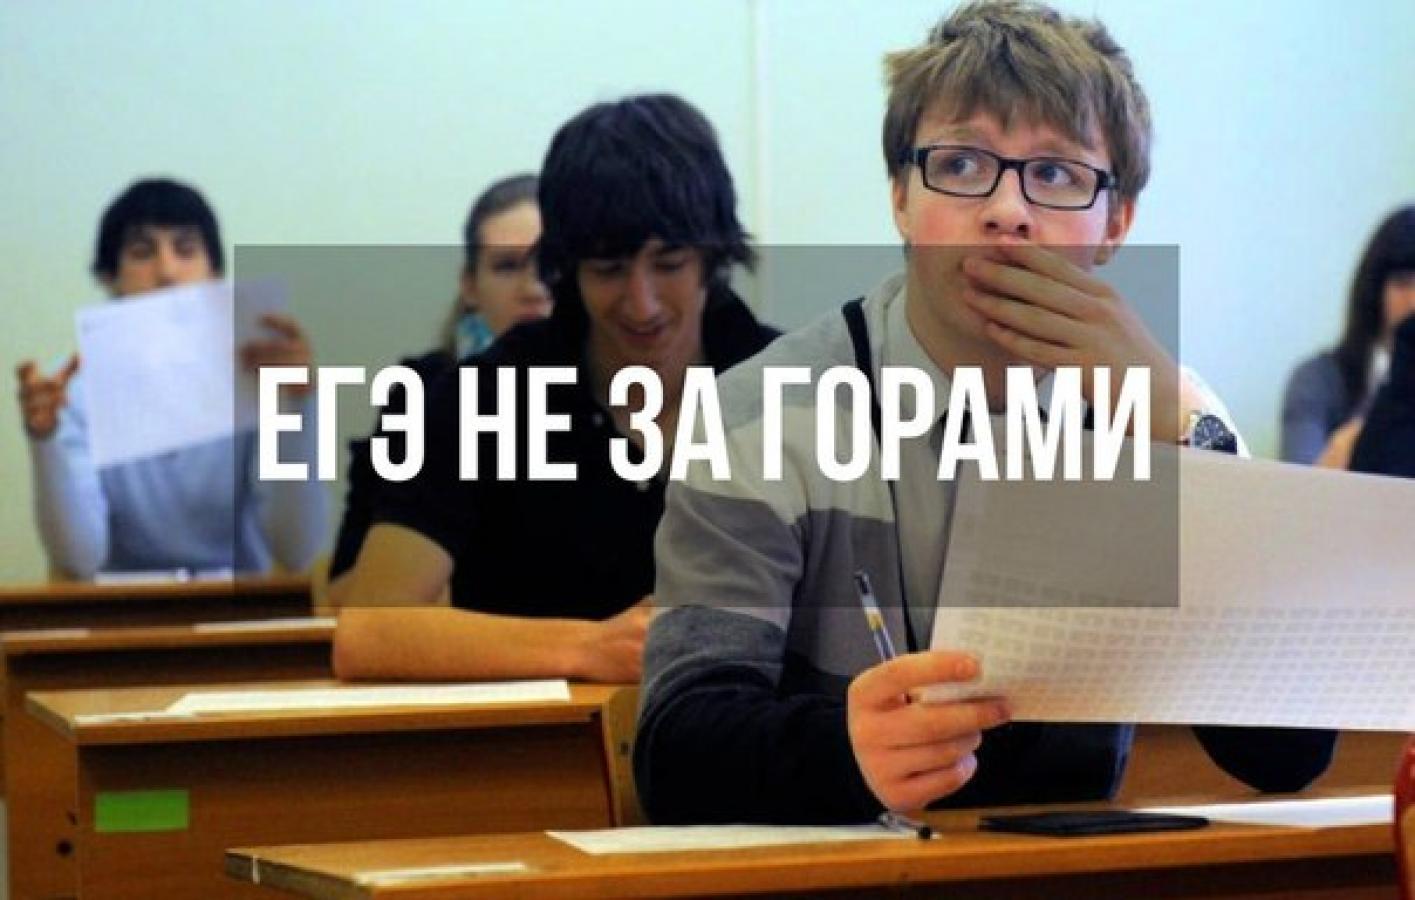 Руководитель Рособрнадзора Сергей Кравцов провел показательный урок – как подготовиться к ЕГЭ